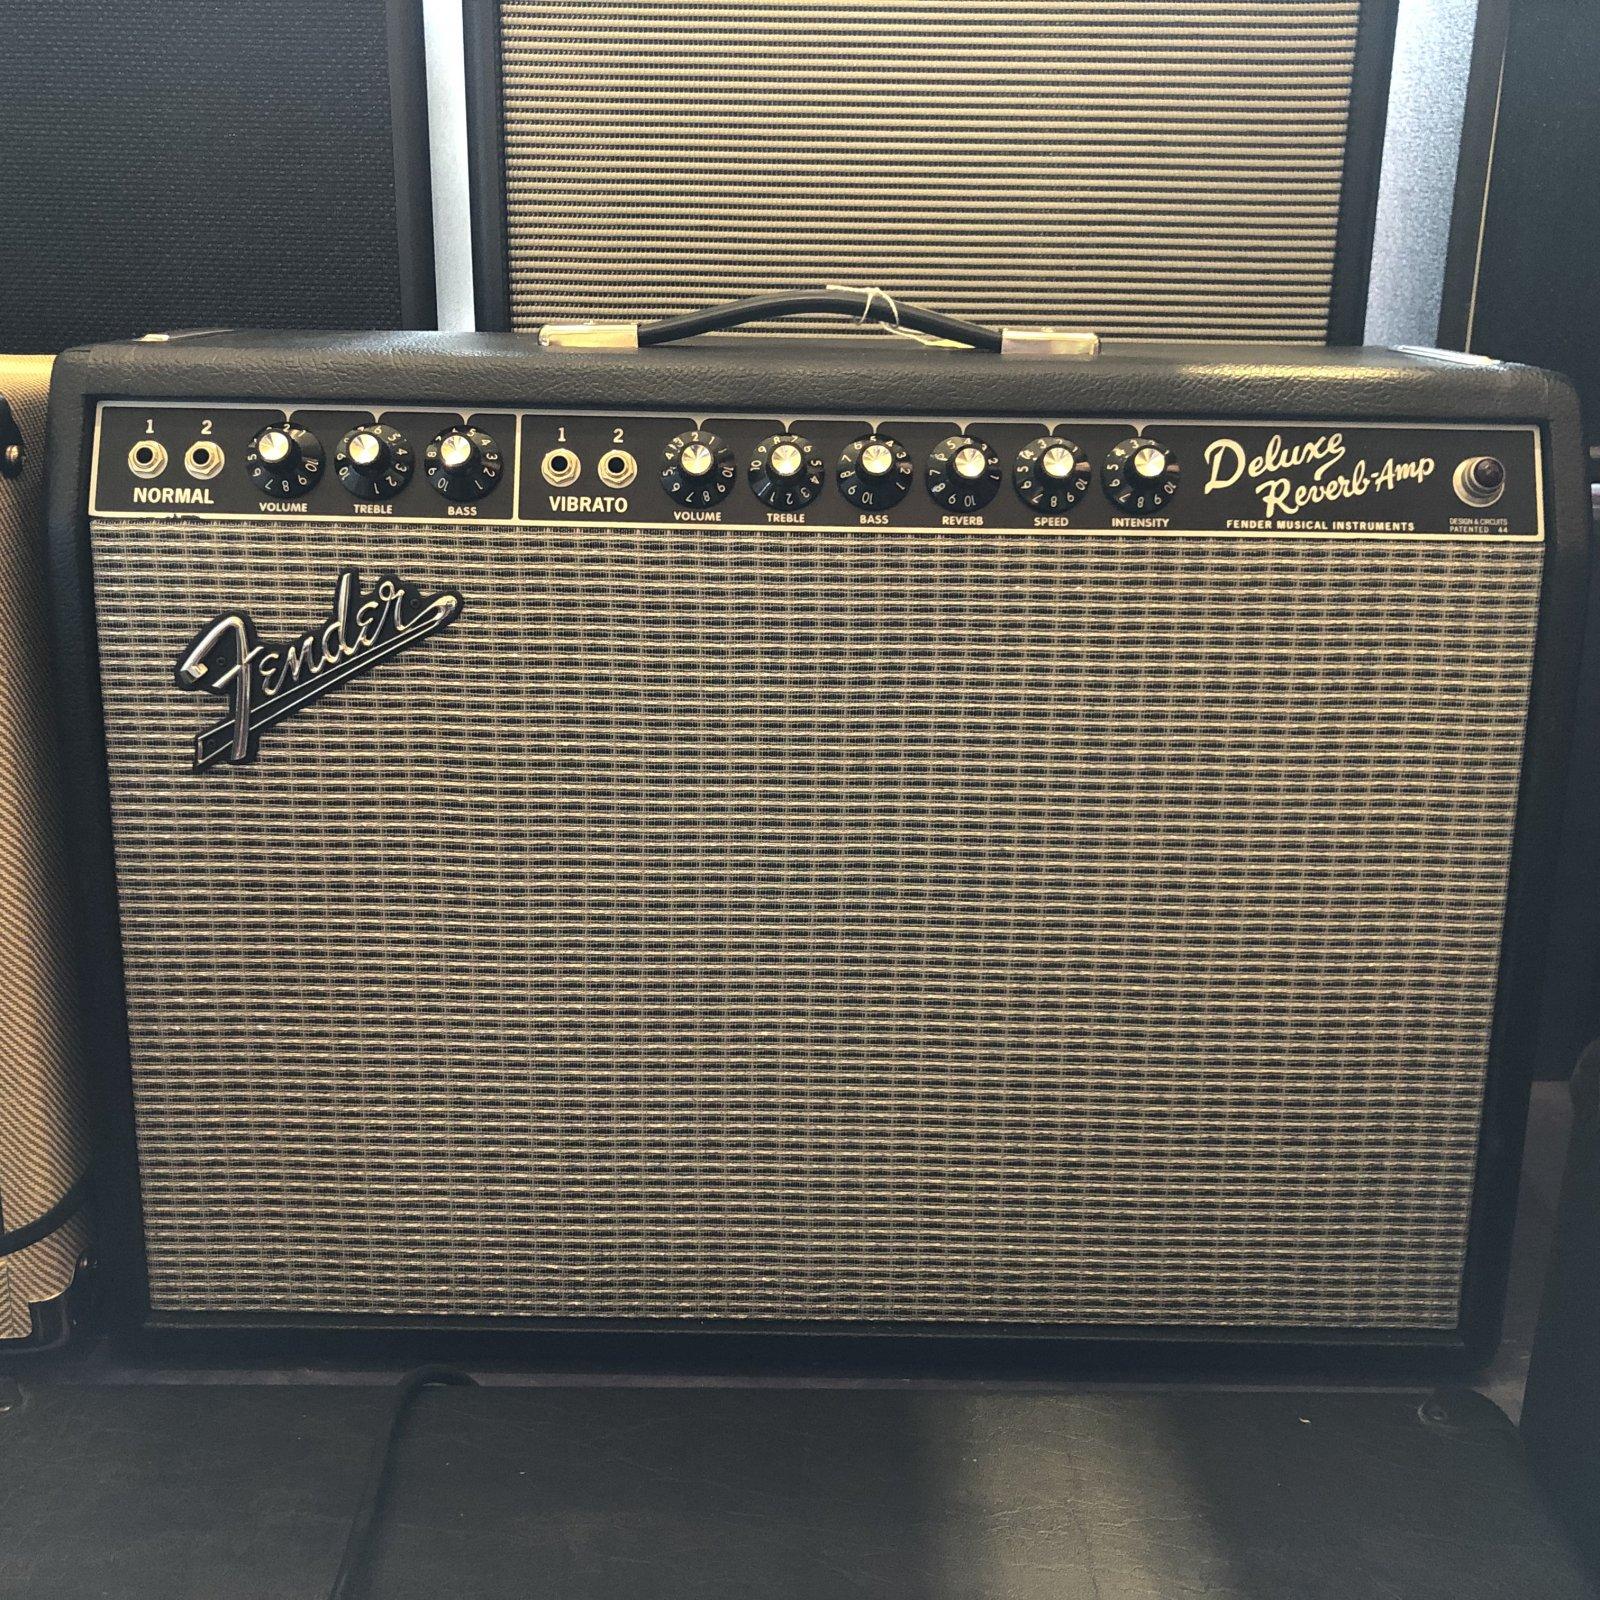 Used Fender '65 Reissue Deluxe Reverb